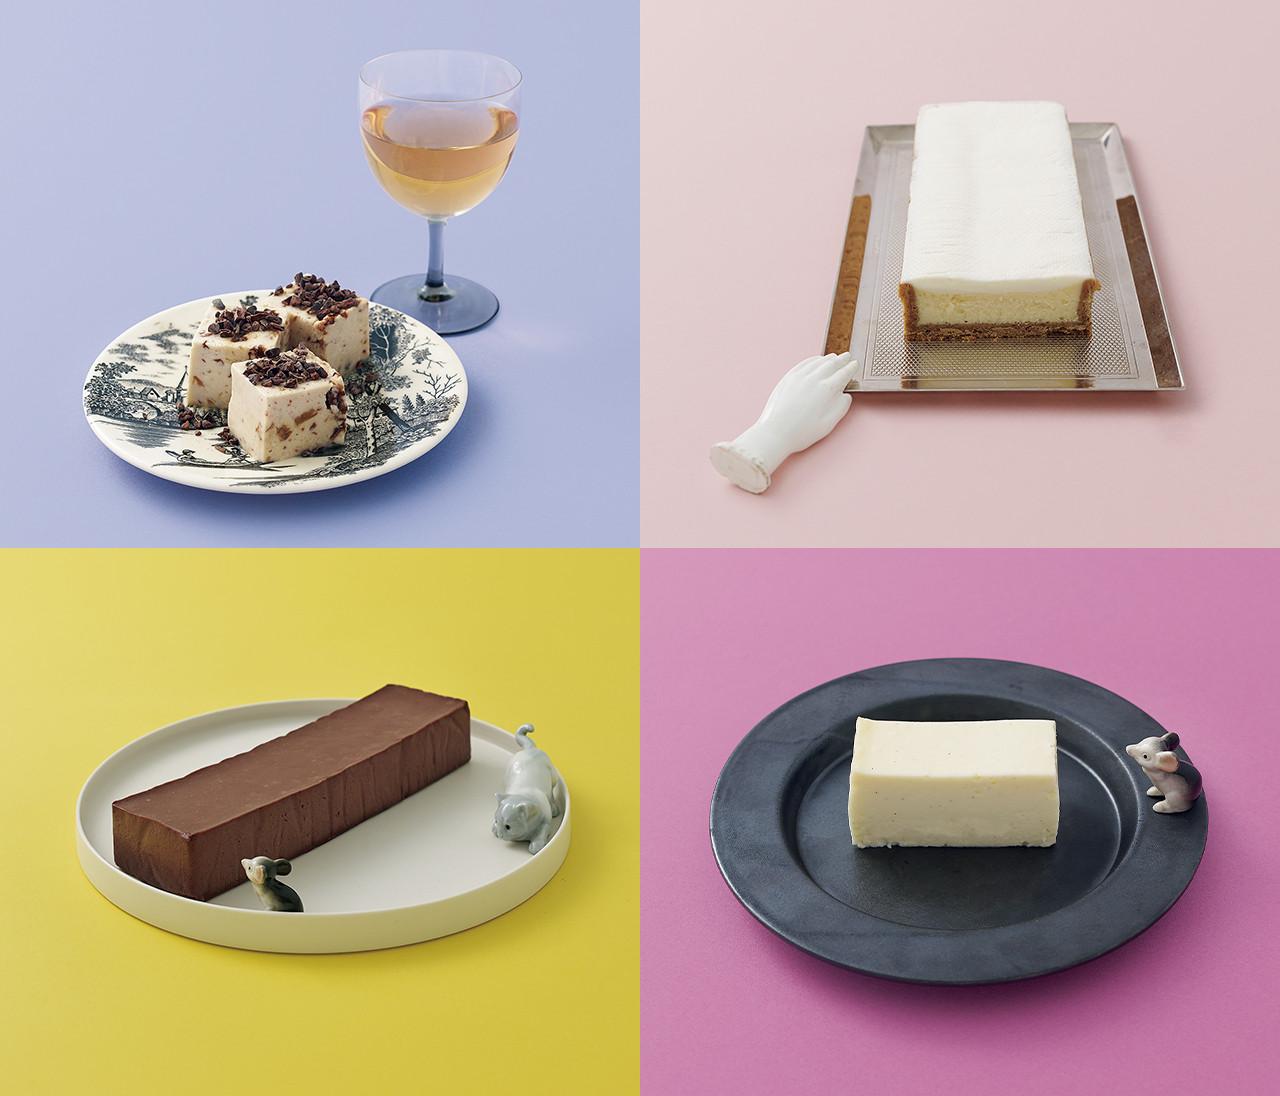 【チーズケーキのお取り寄せ3】浜松のまるたや、福岡のabeki...定番も新顔もワンランク上のチーズケーキ4選